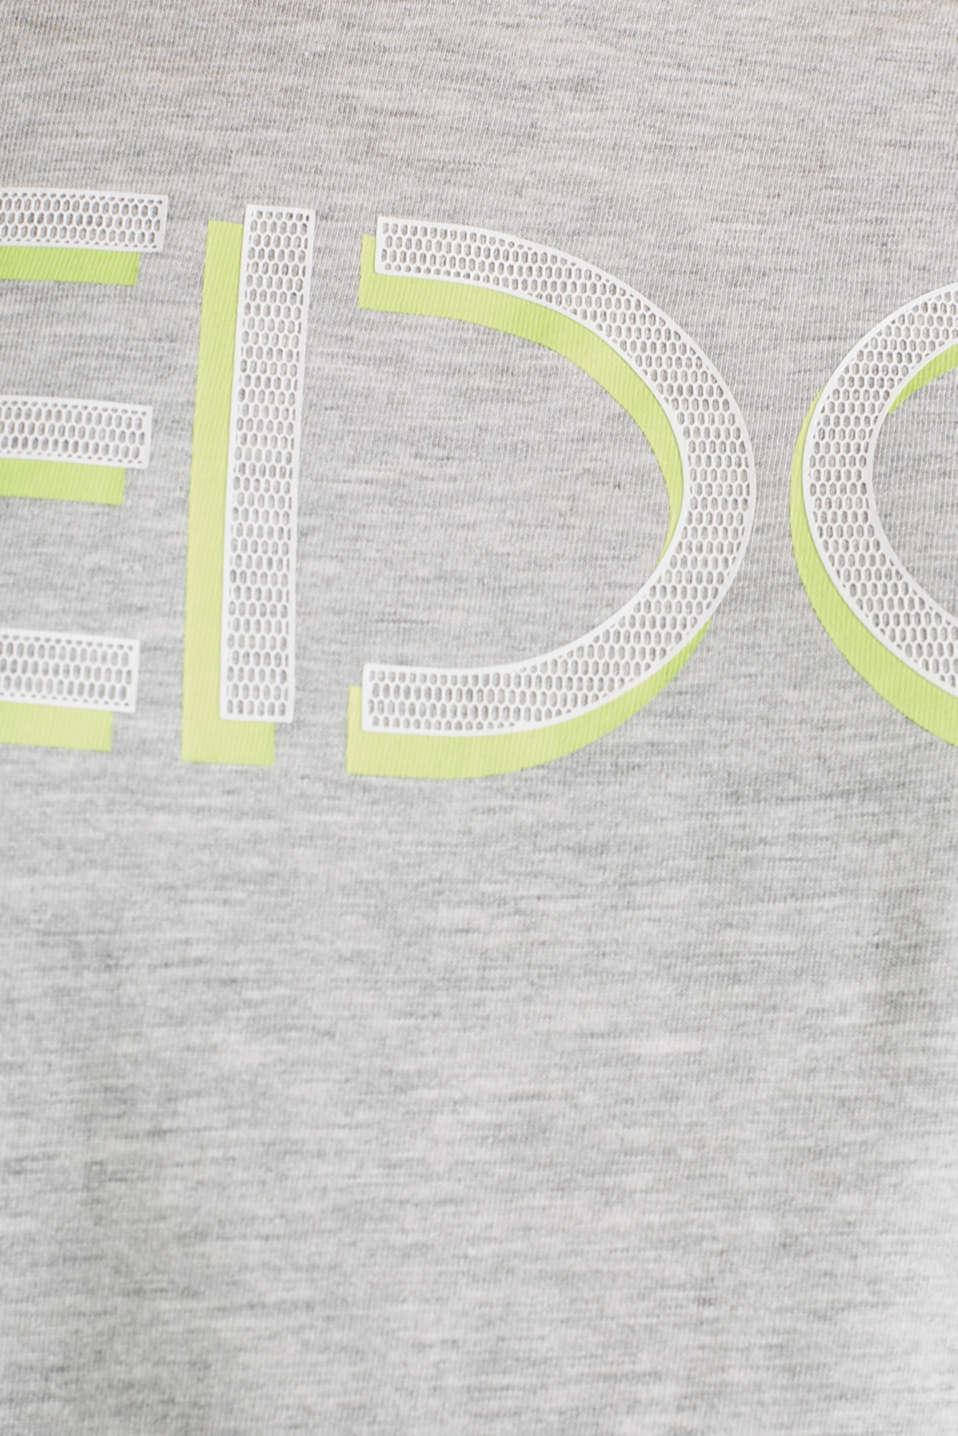 NEON melange logo print tee, LIGHT GREY 5, detail image number 4